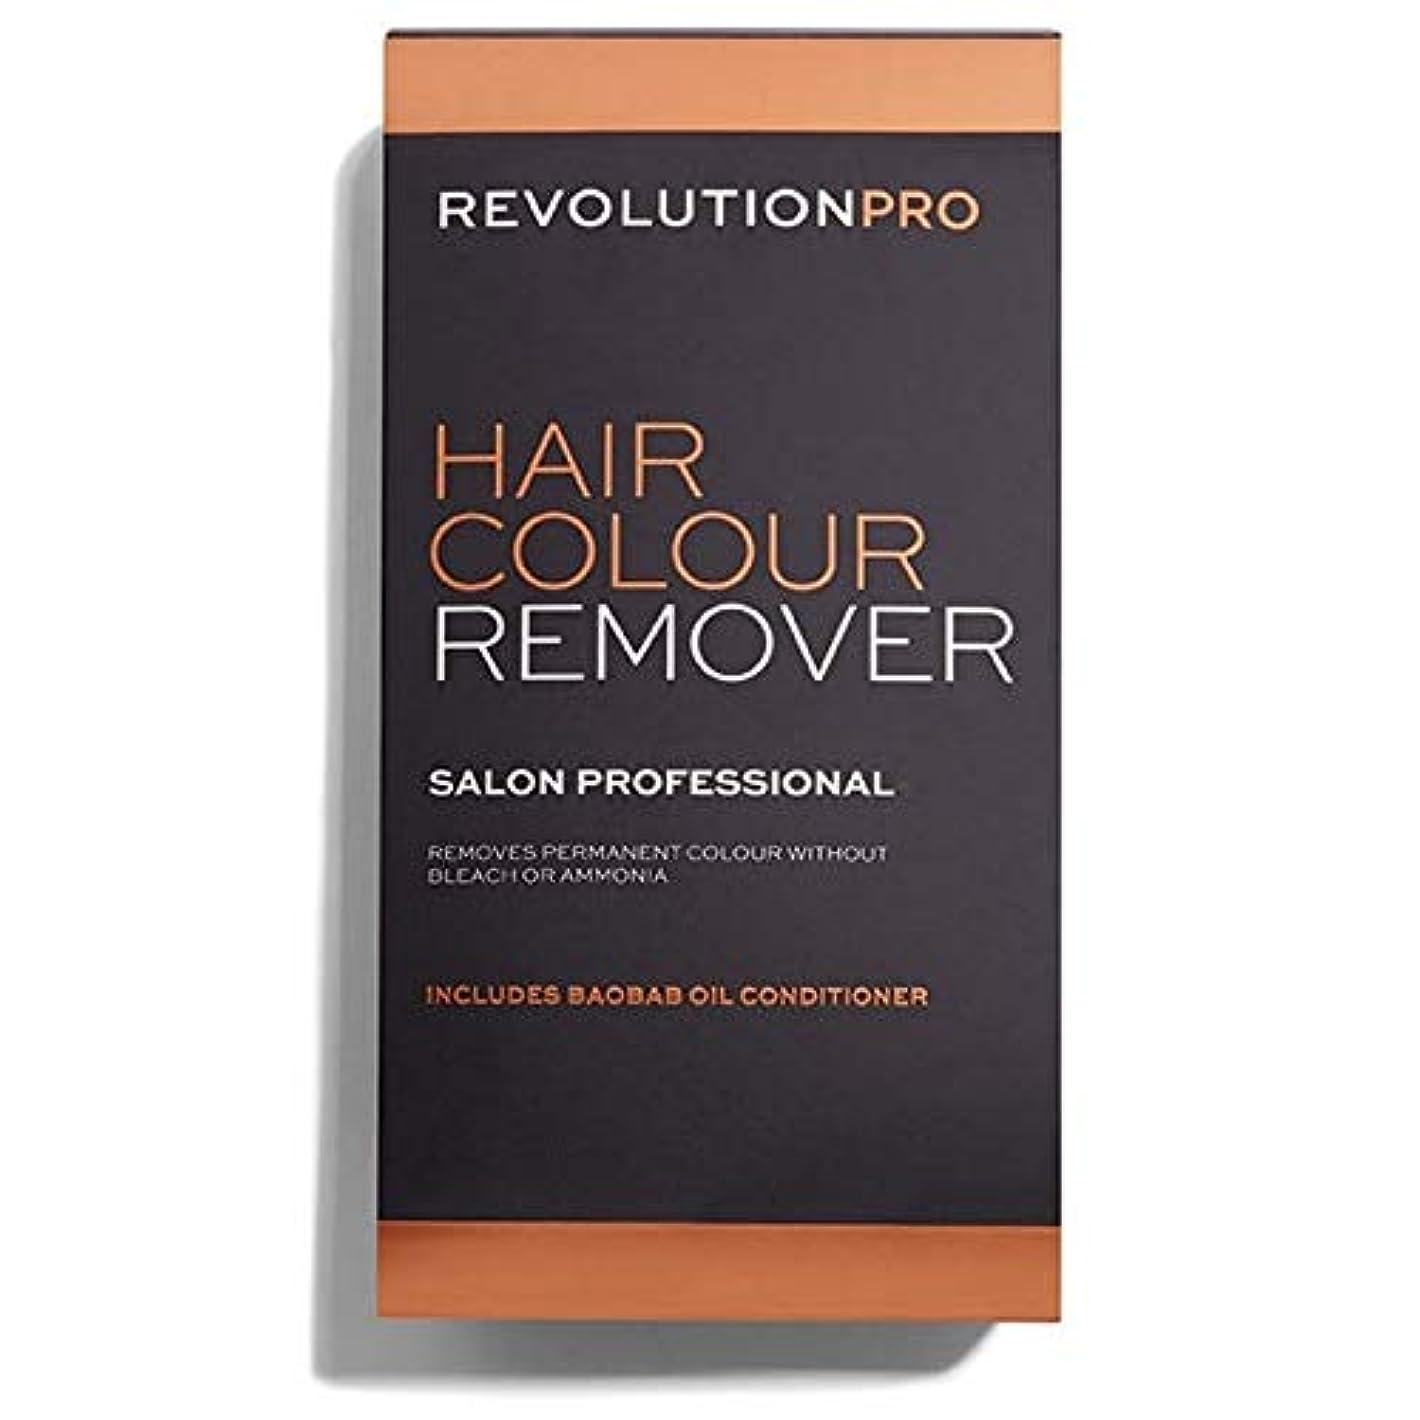 モナリザオズワルド大気[Hair Revolution] 革命プロのヘアカラーリムーバー - Revolution PRO Hair Colour Remover [並行輸入品]